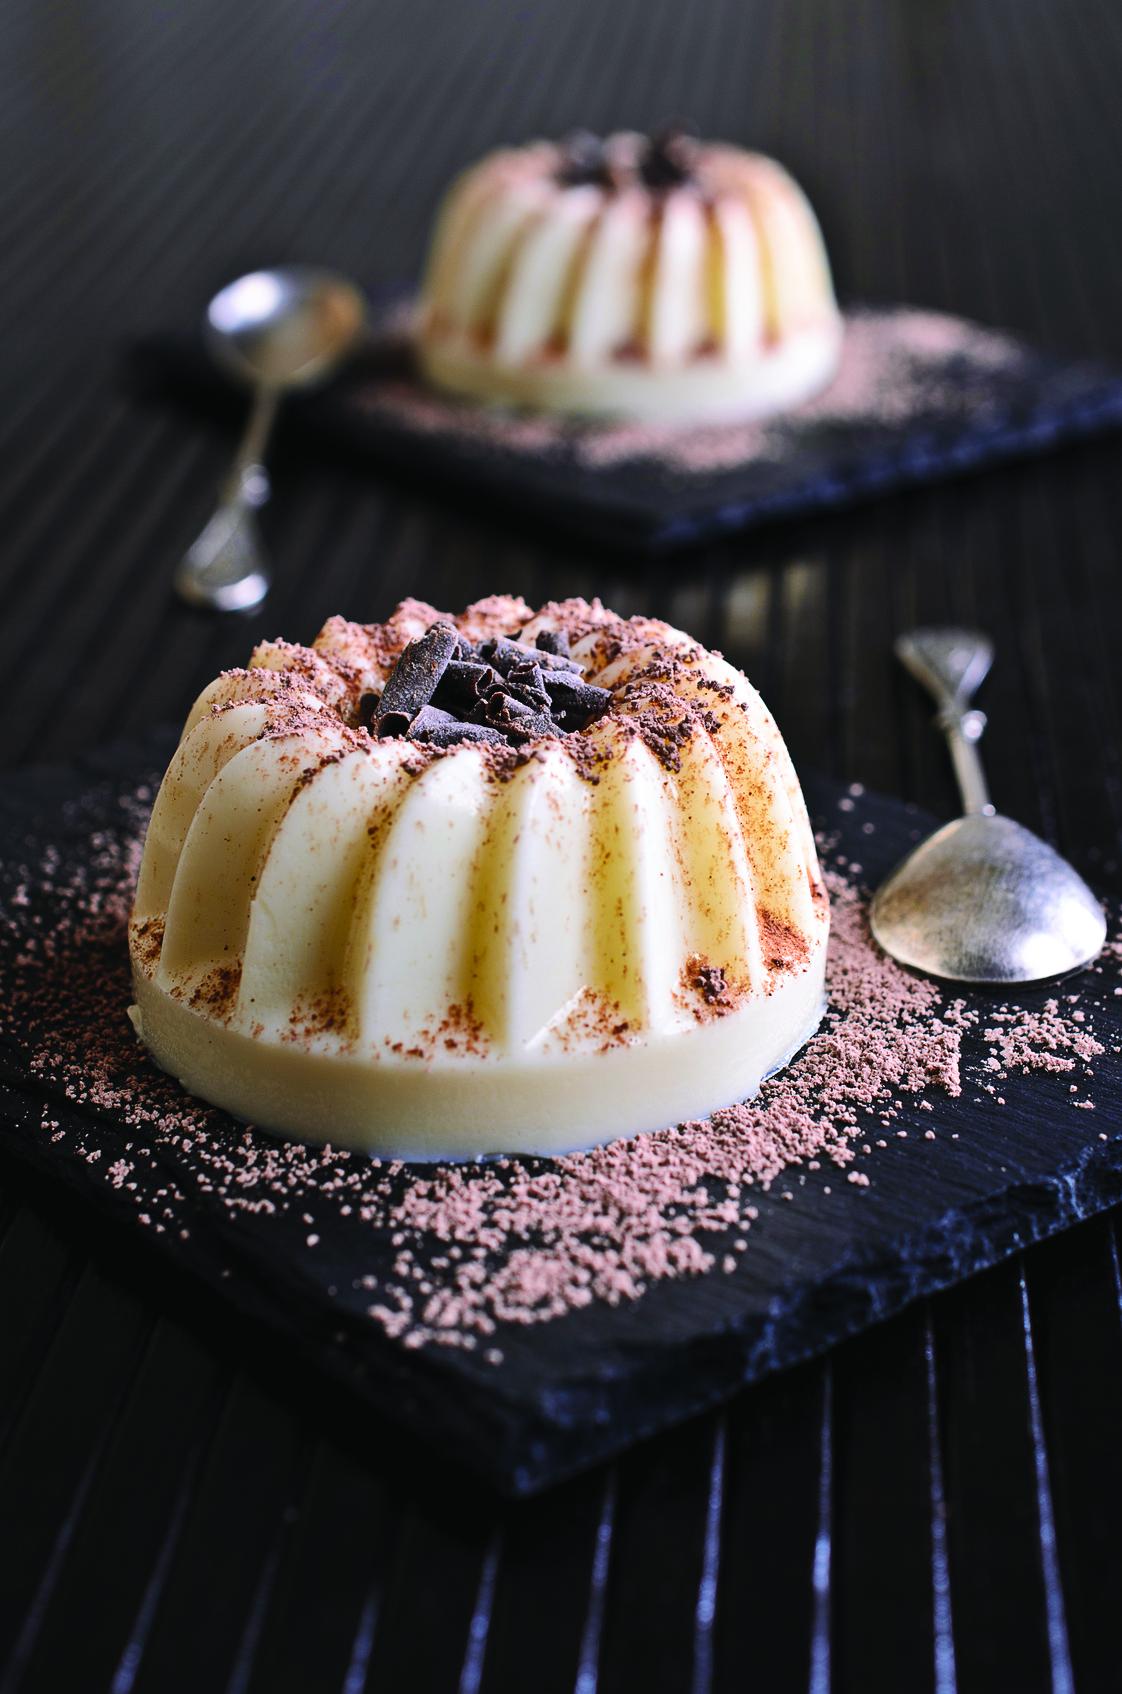 Panna cotta ou flan chocolat blanc et coco un dessert gourmand et leger rapide et simple les - Panna cotta herve cuisine ...